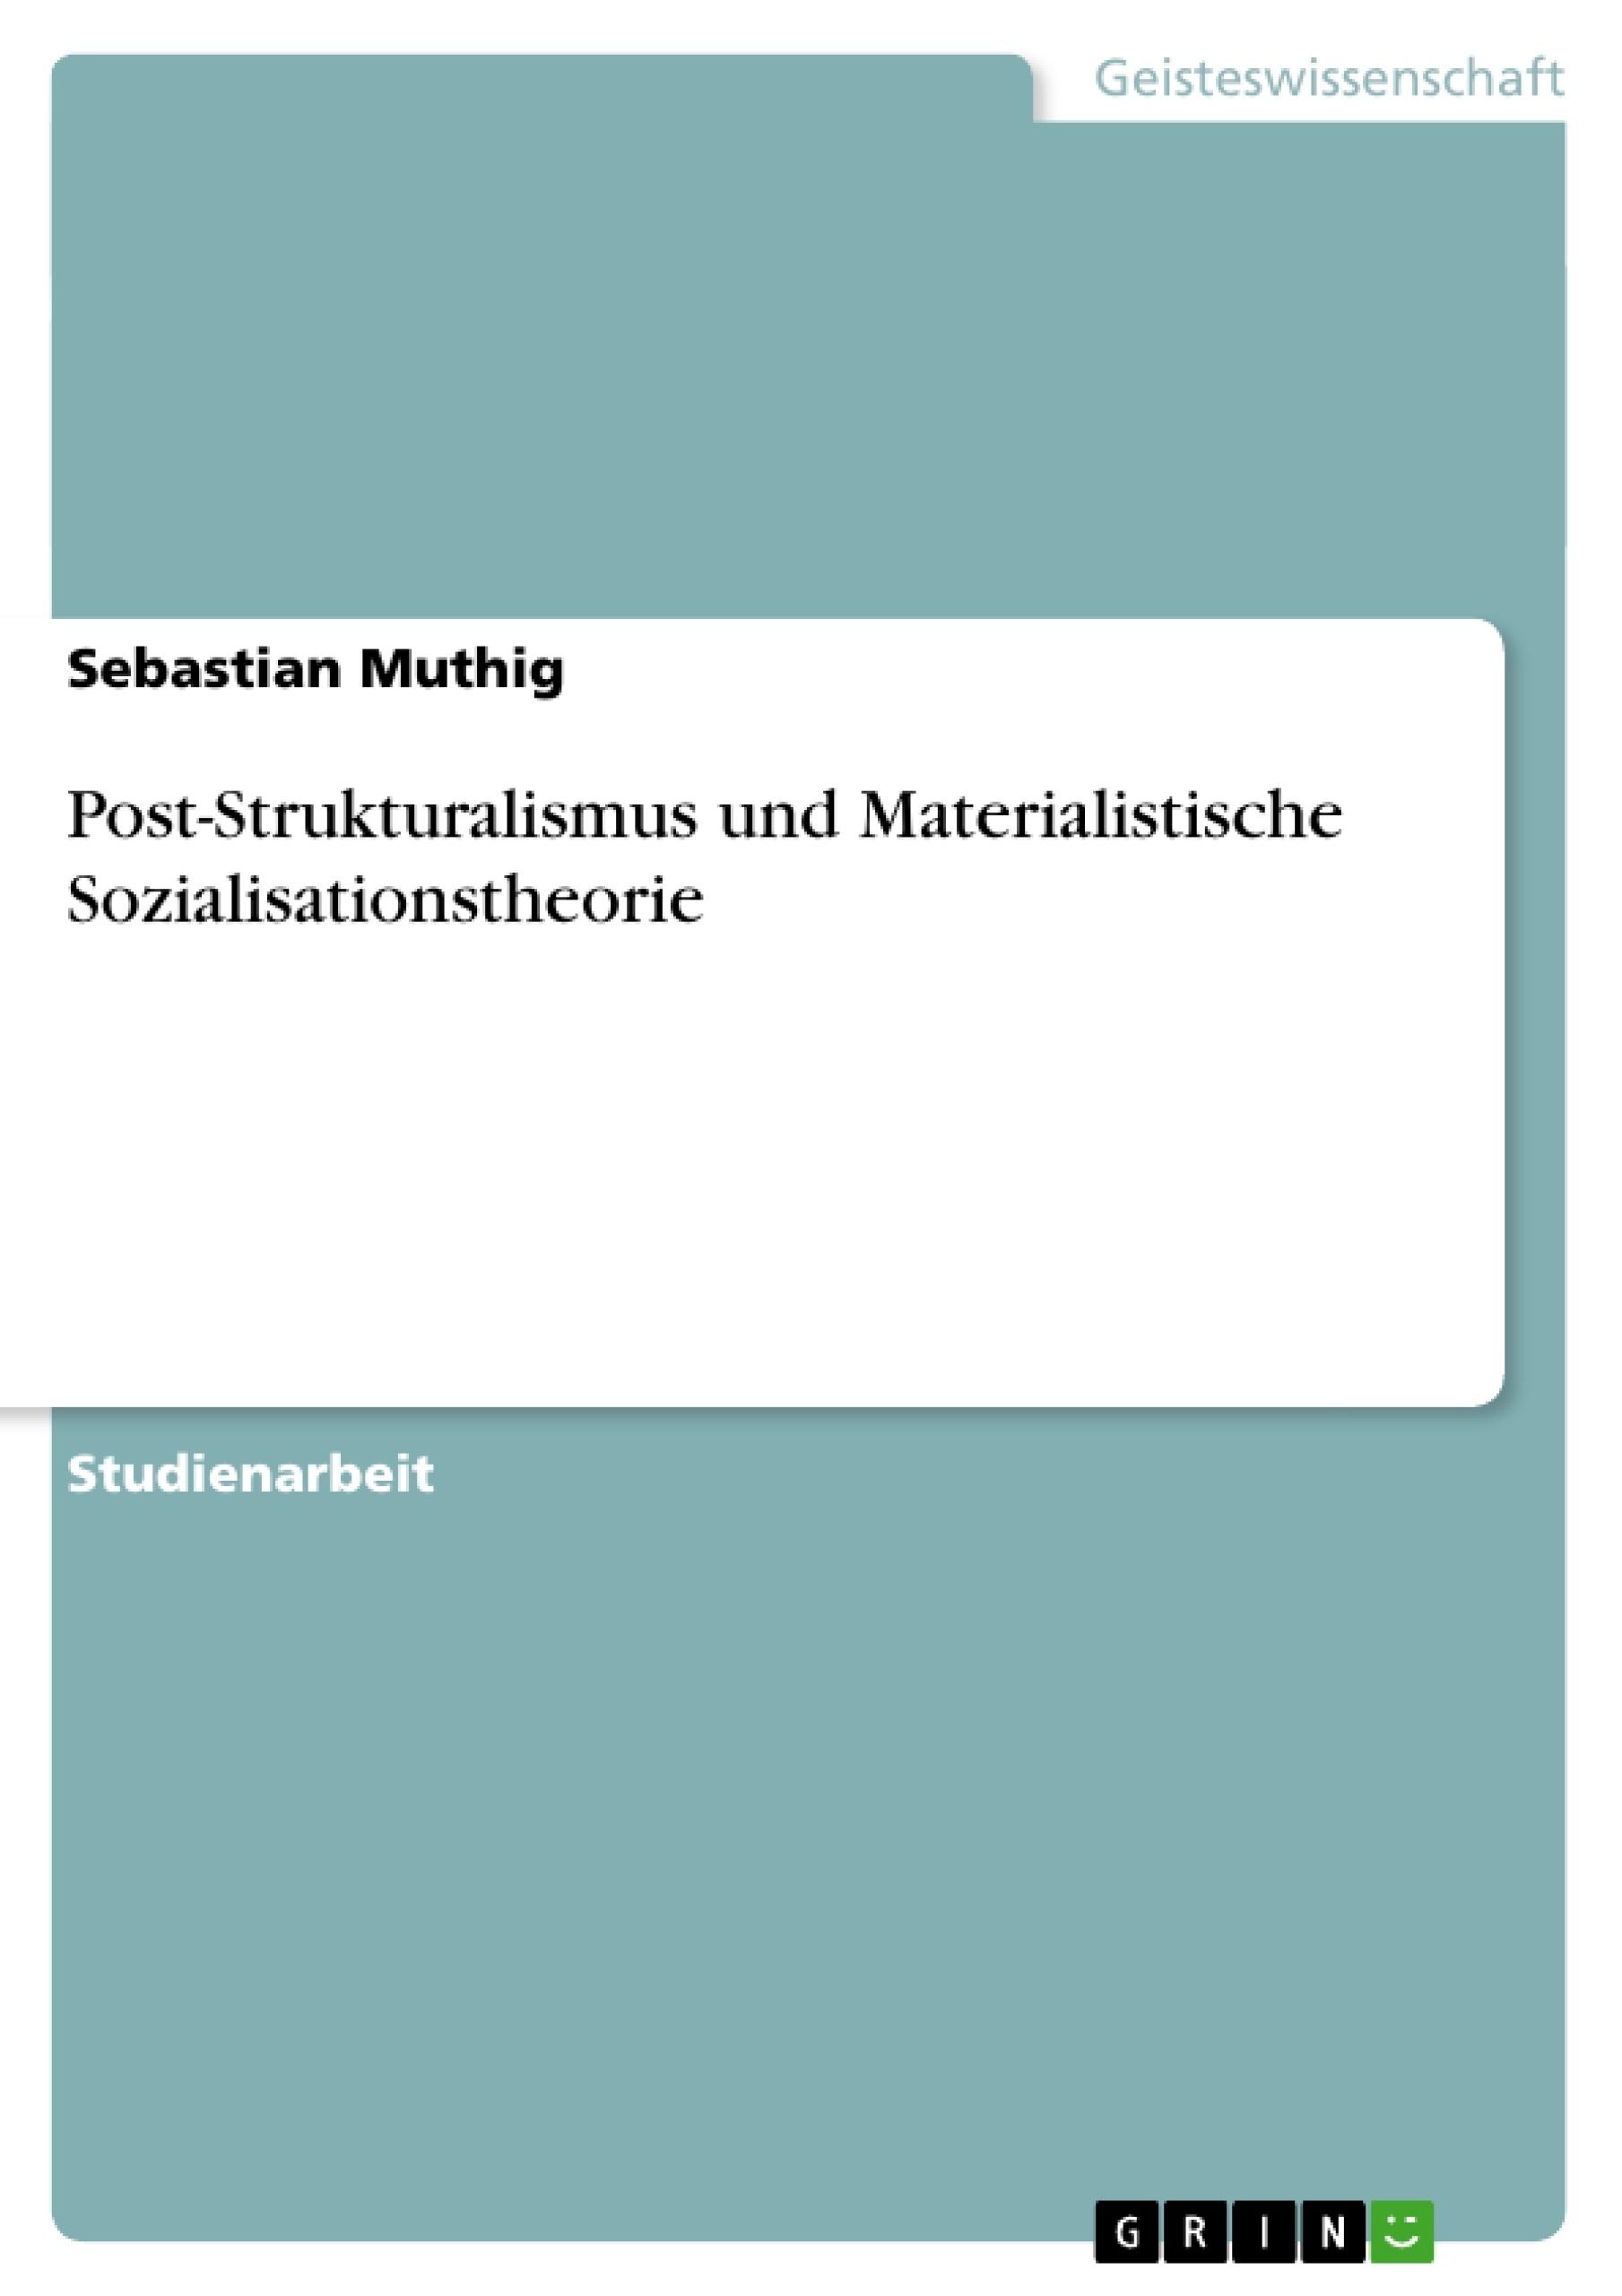 Titel: Post-Strukturalismus und Materialistische Sozialisationstheorie